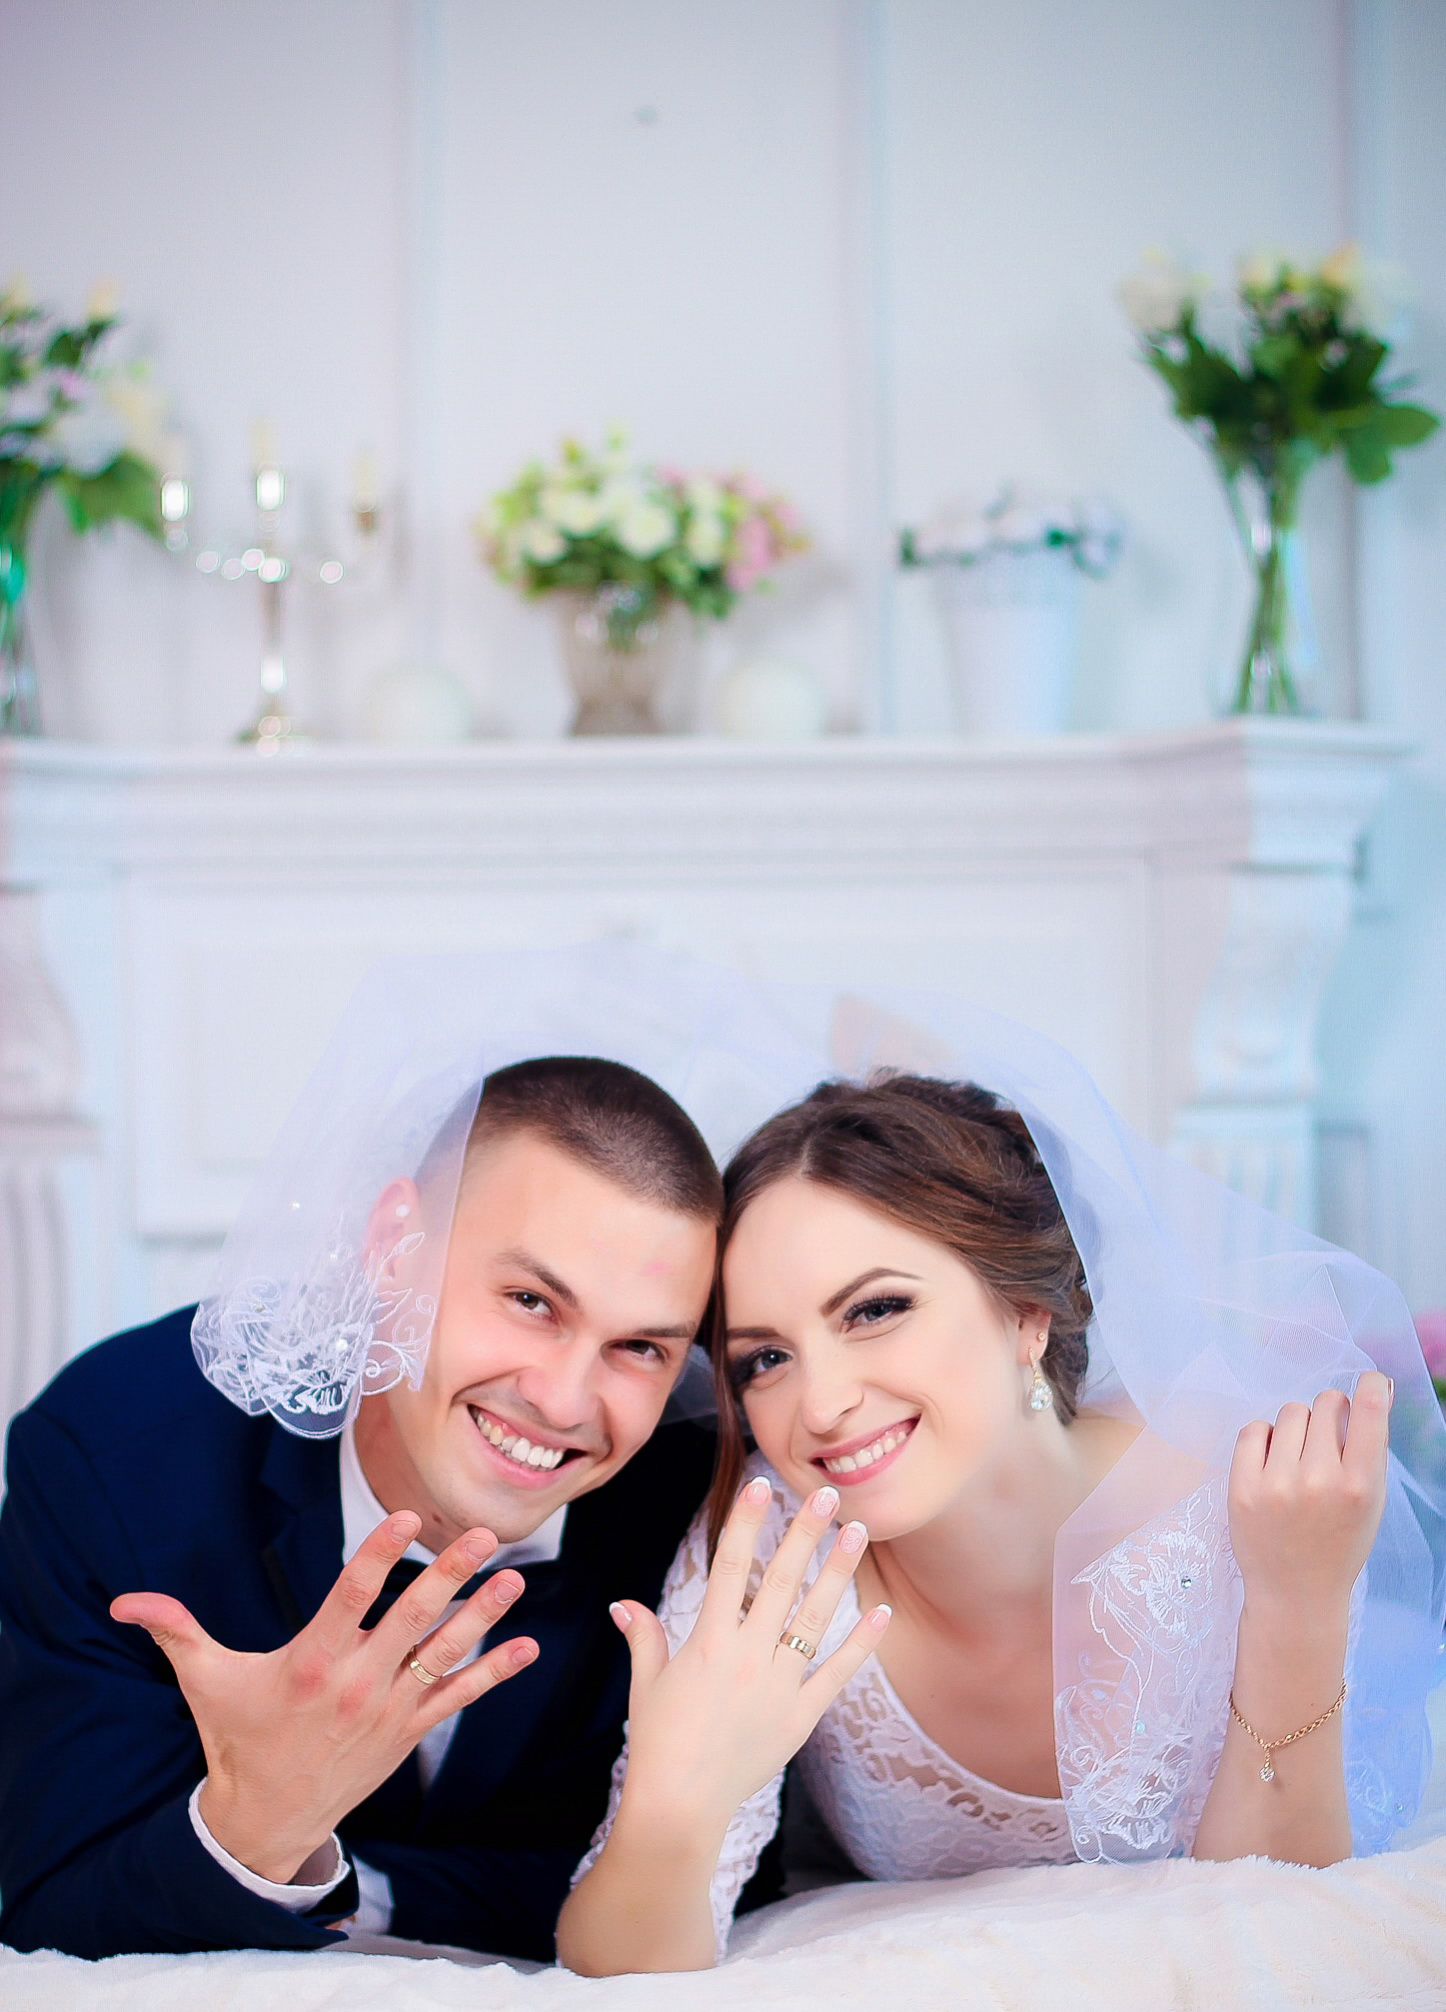 Фото Фотосессия свадьба в студии, 1 час